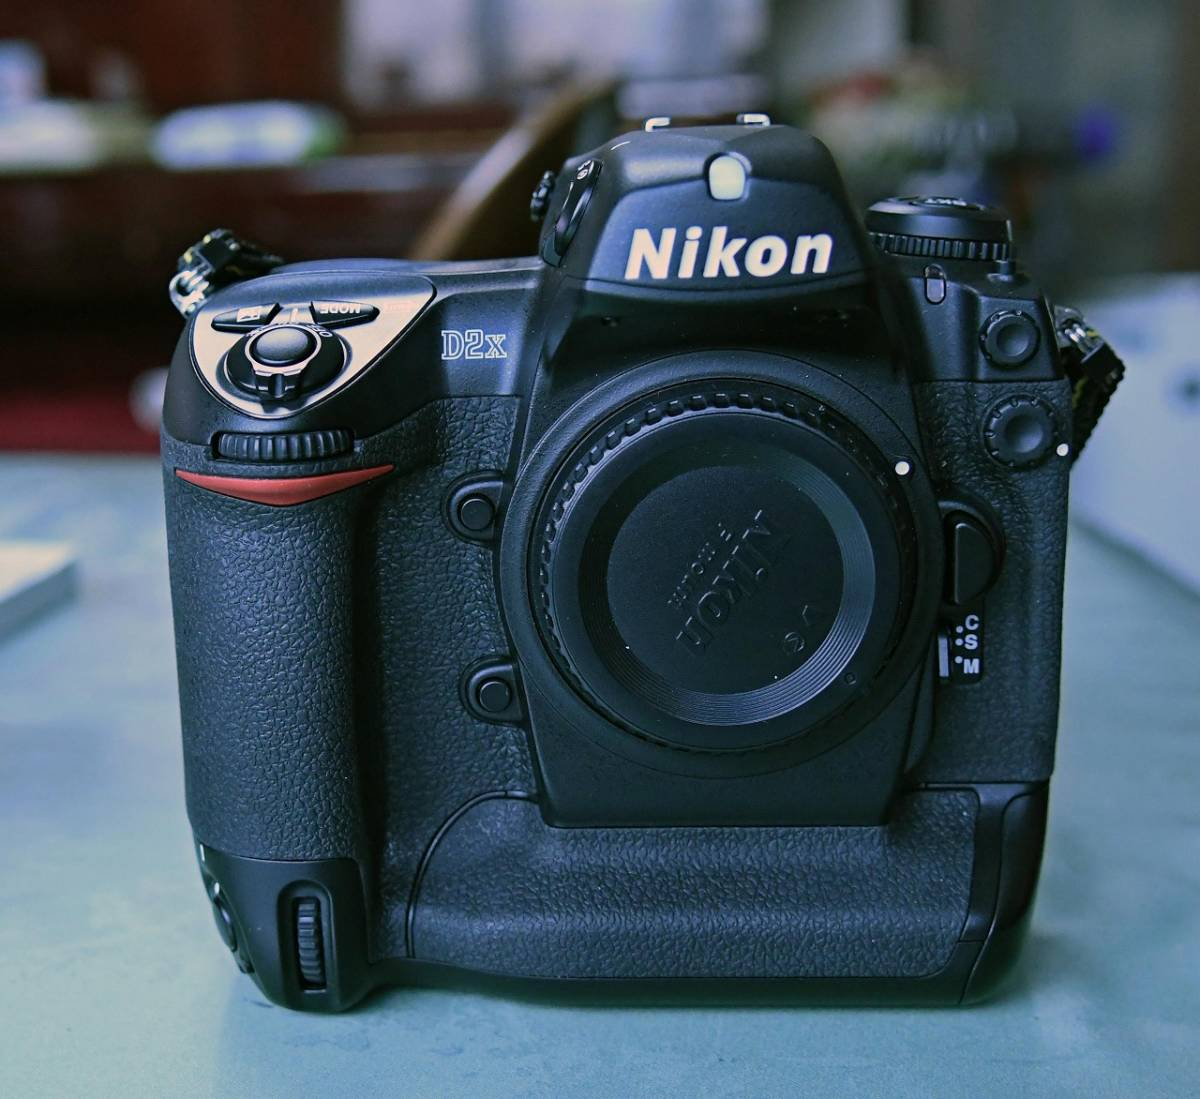 超美品 Nikon D2X シャッターカウントわずか3676